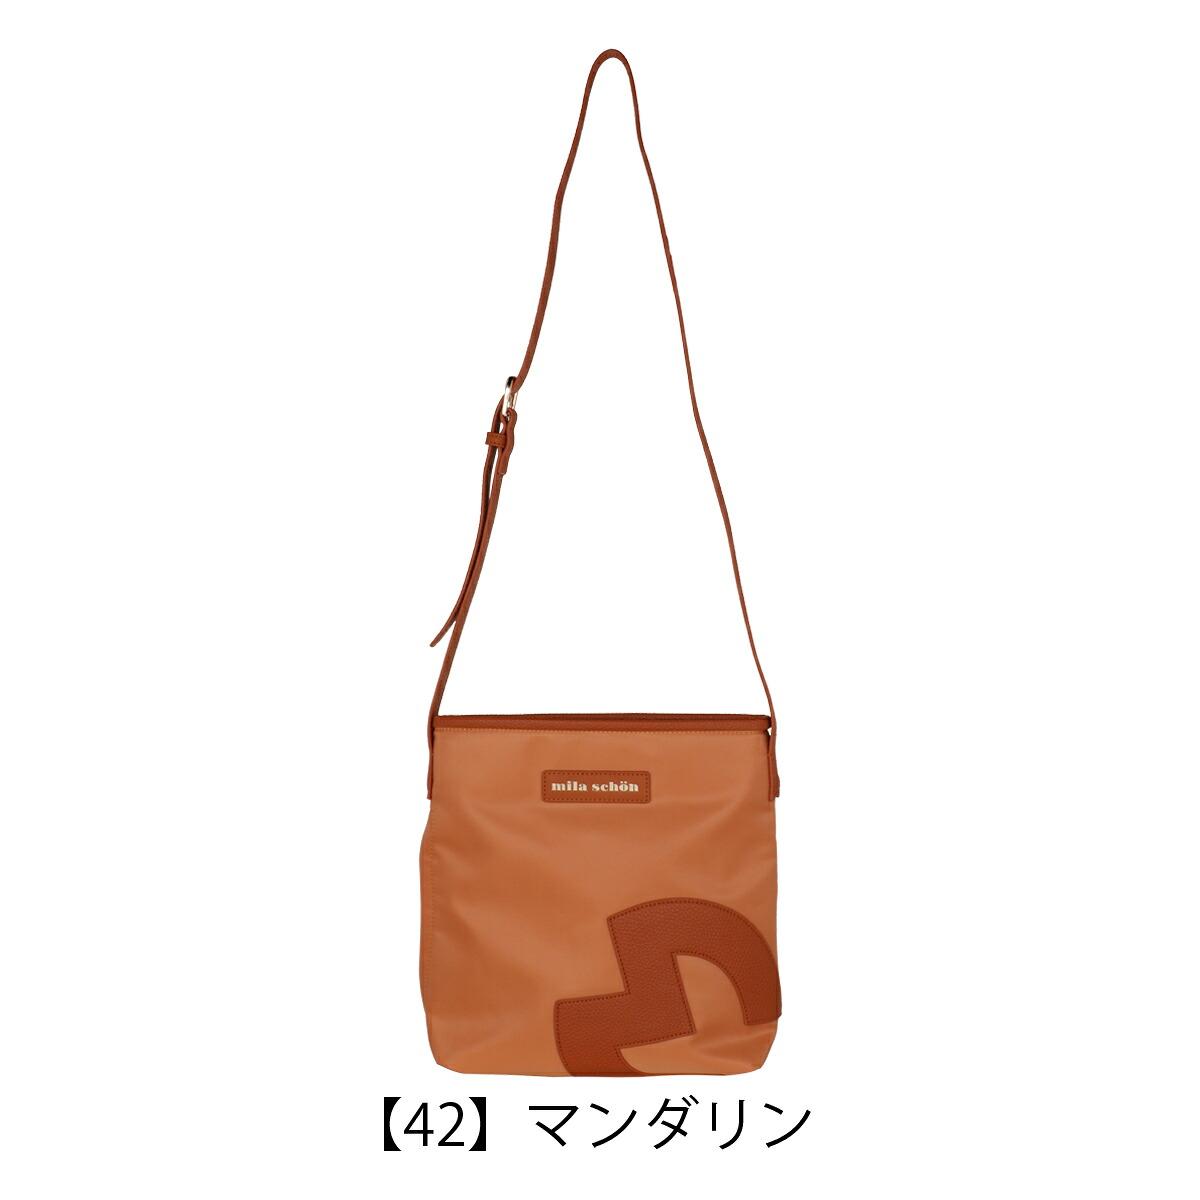 【42】マンダリン